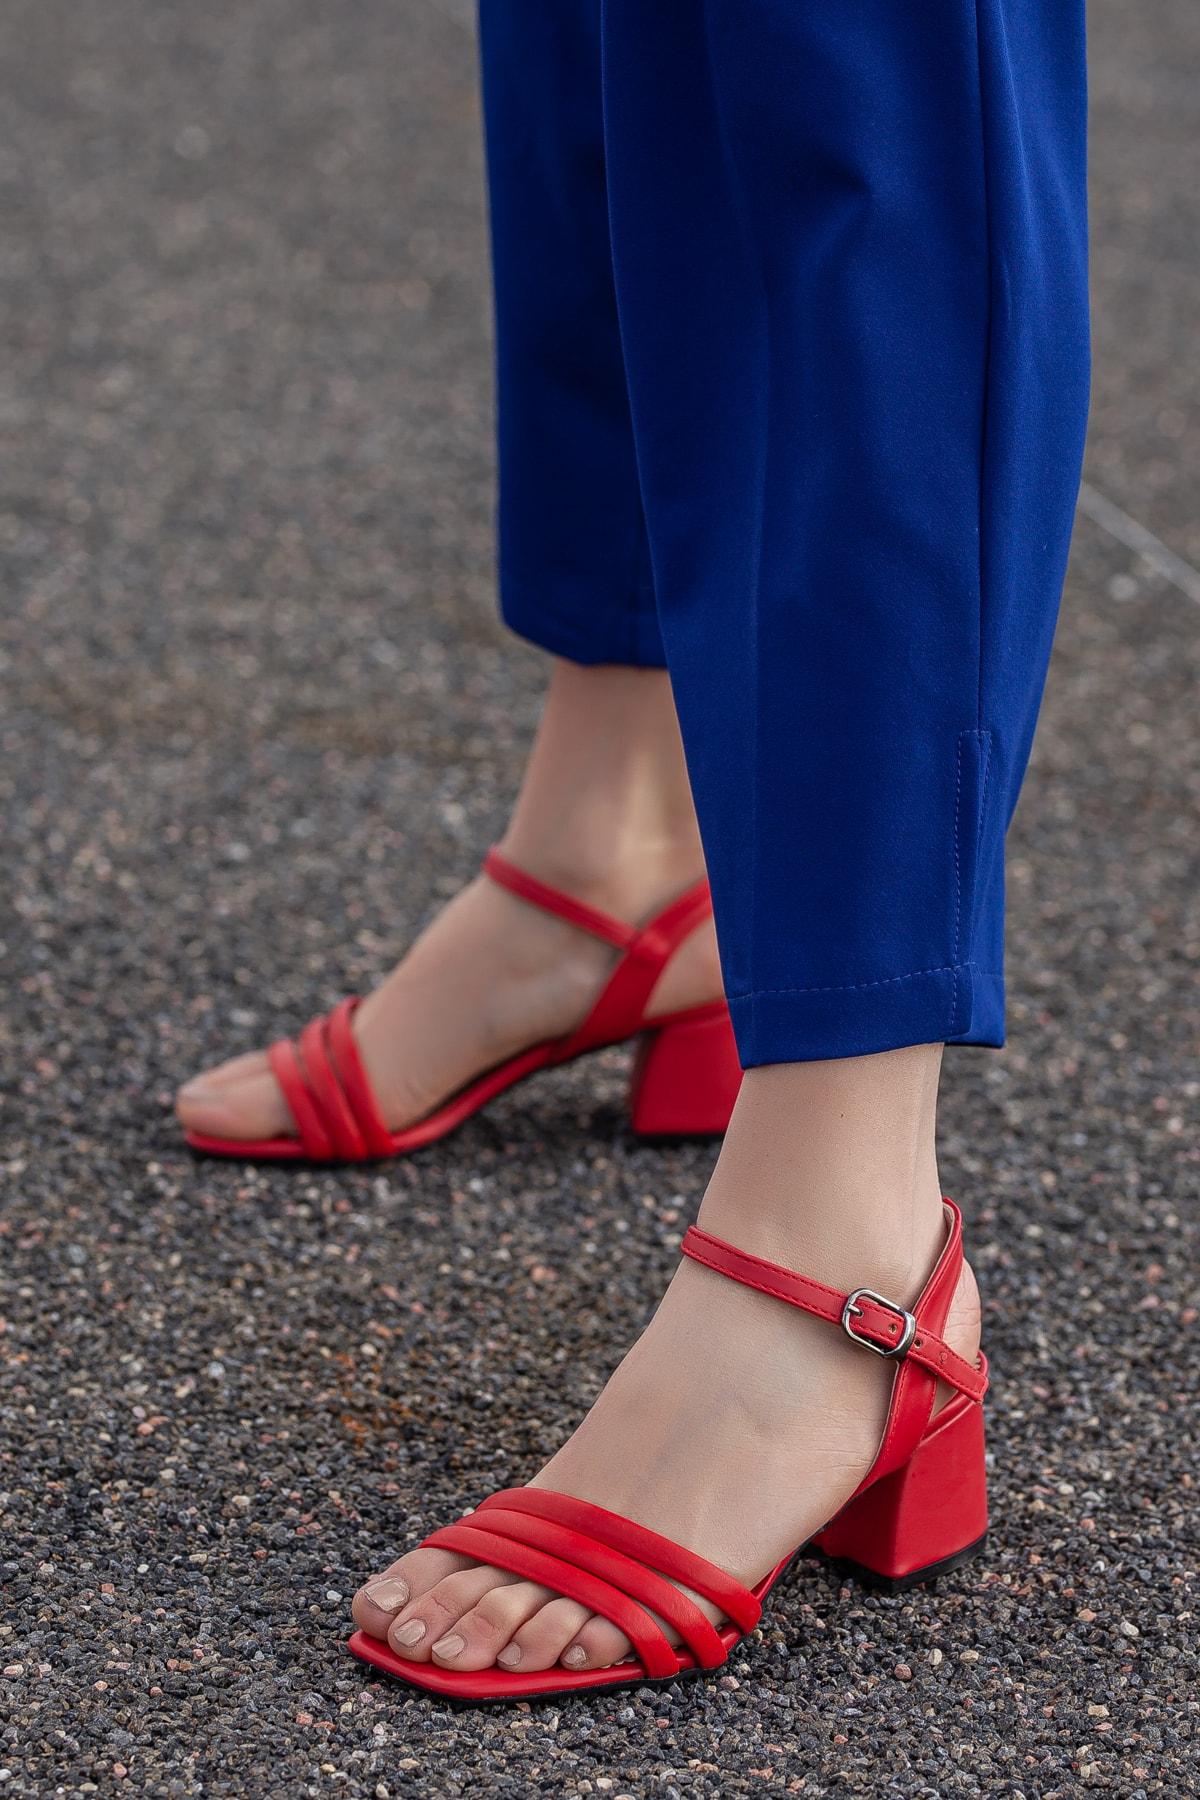 Daxtors Kadın Kırmızı Klasik Topuklu Ayakkabı D2180 2